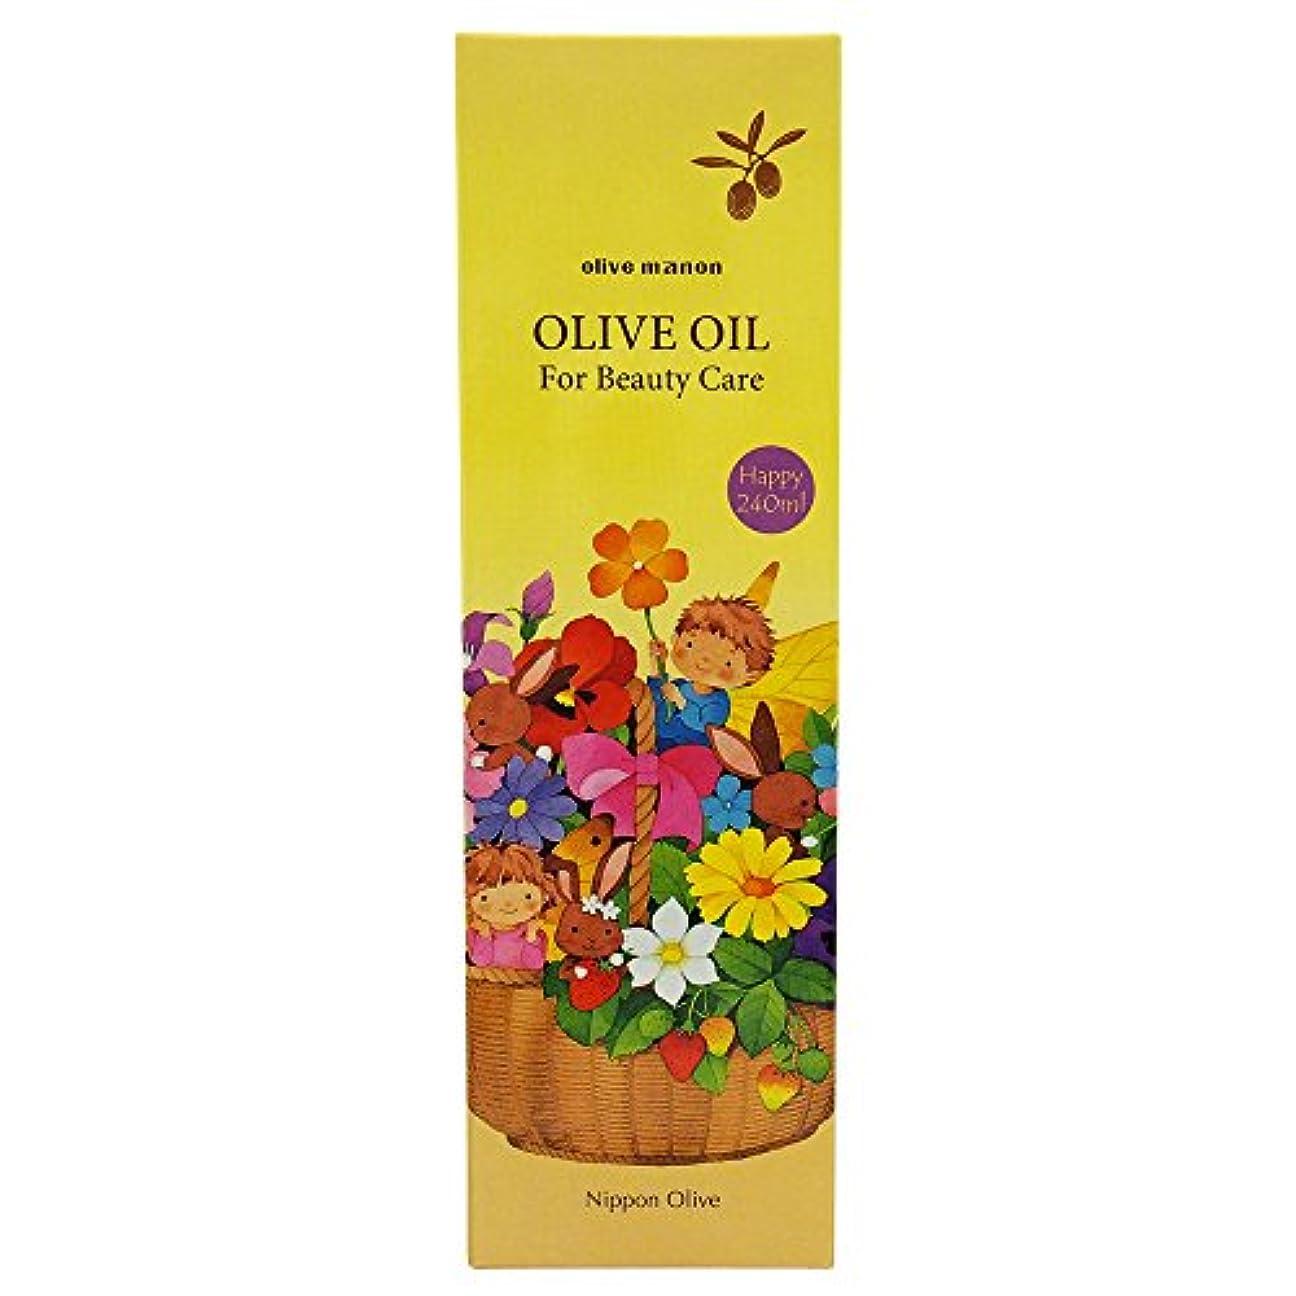 救出芝生ジュニアオリーブマノン 化粧用オリーブオイル (240ml)